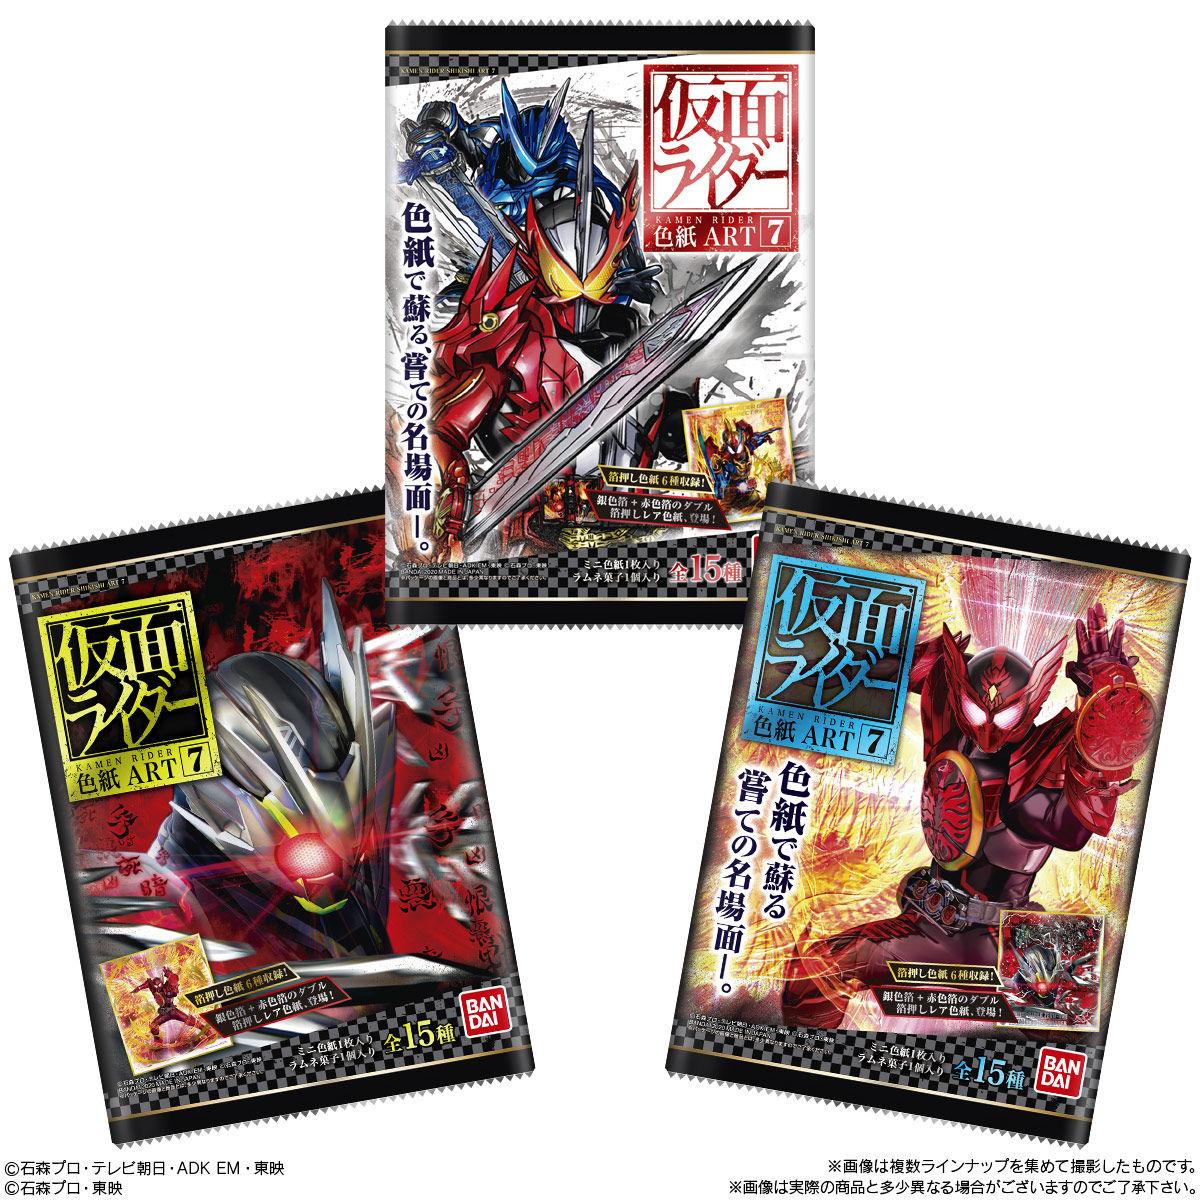 【食玩】『仮面ライダー 色紙ART7』10個入りBOX-007